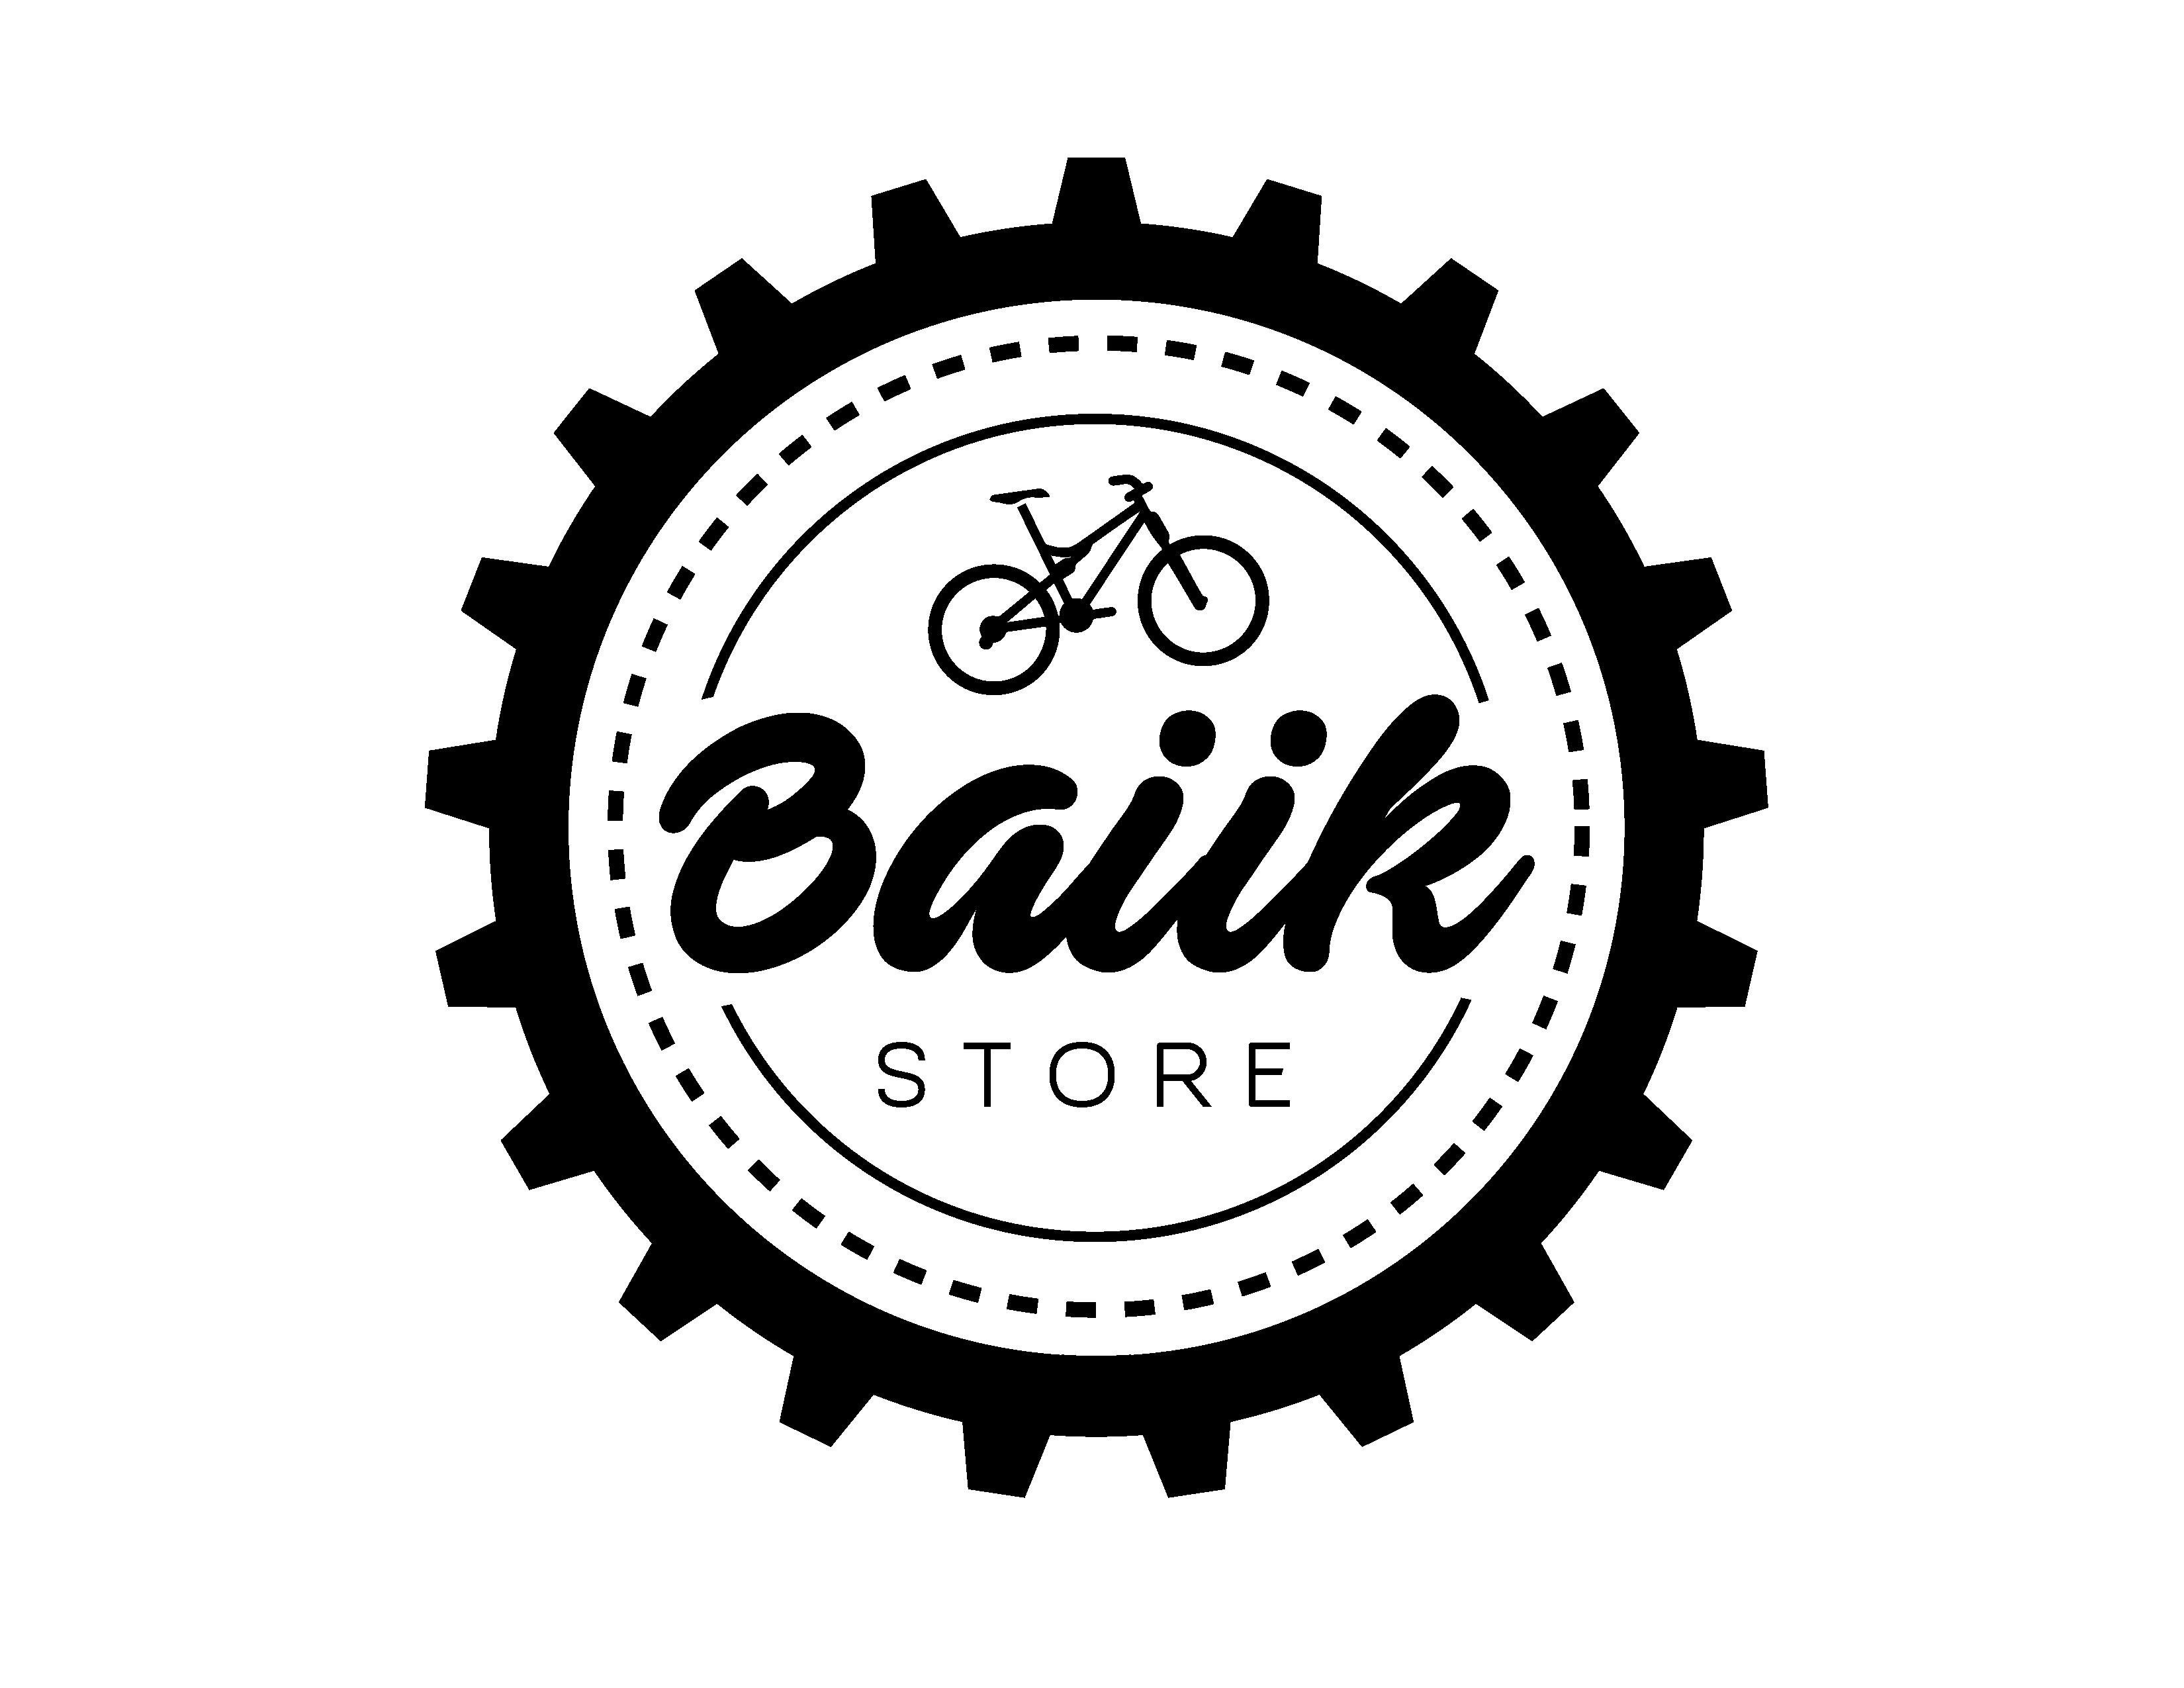 C578d175fbef73dee3035439a2d8d5e0